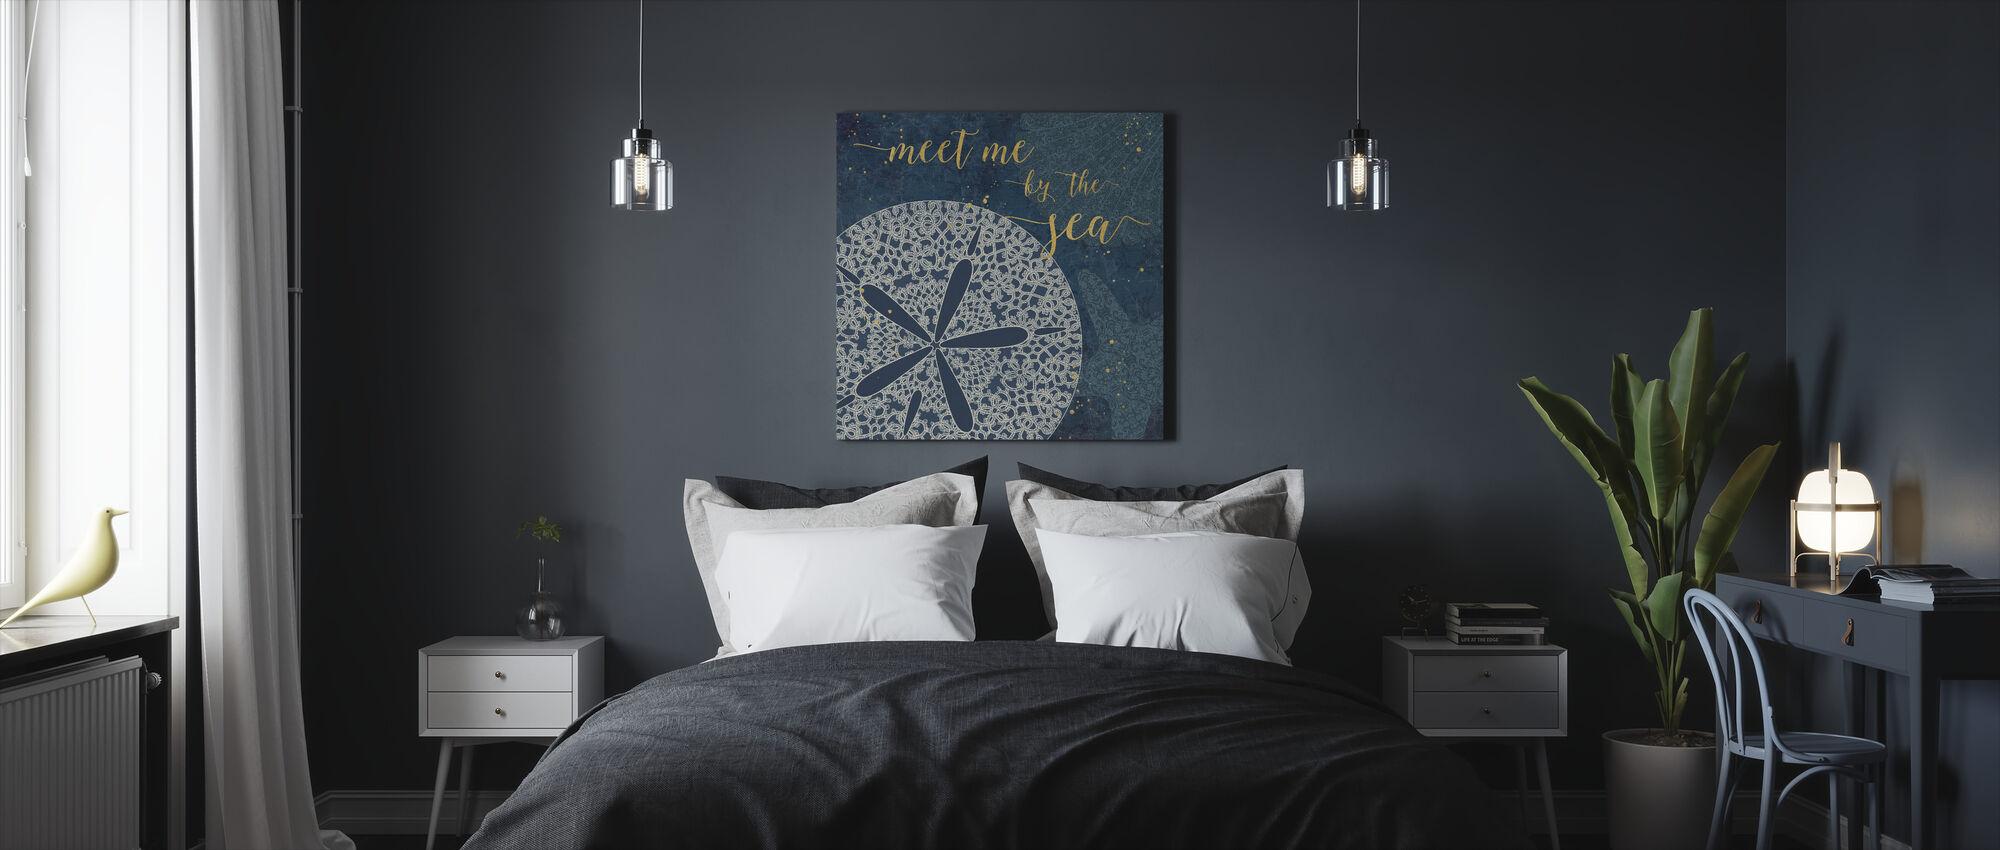 Ontmoet mij aan de zee - Canvas print - Slaapkamer